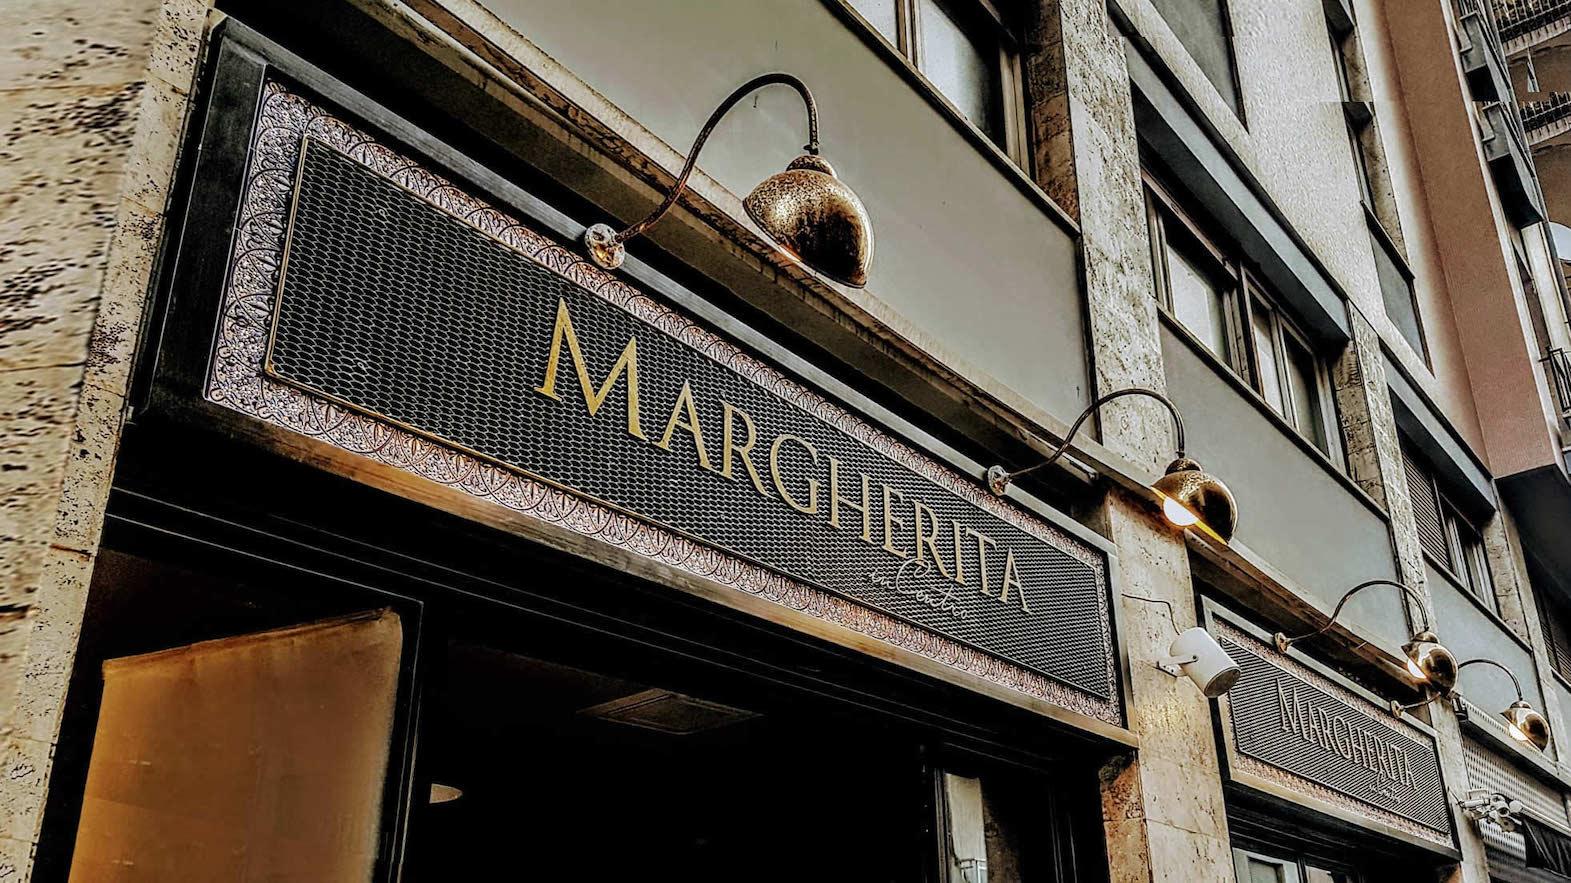 Ristorante Margherita Pizzeria Pescara, Pasta alla Mugnaia e alla Pecorara, Carne alla Brace, Arrosticini